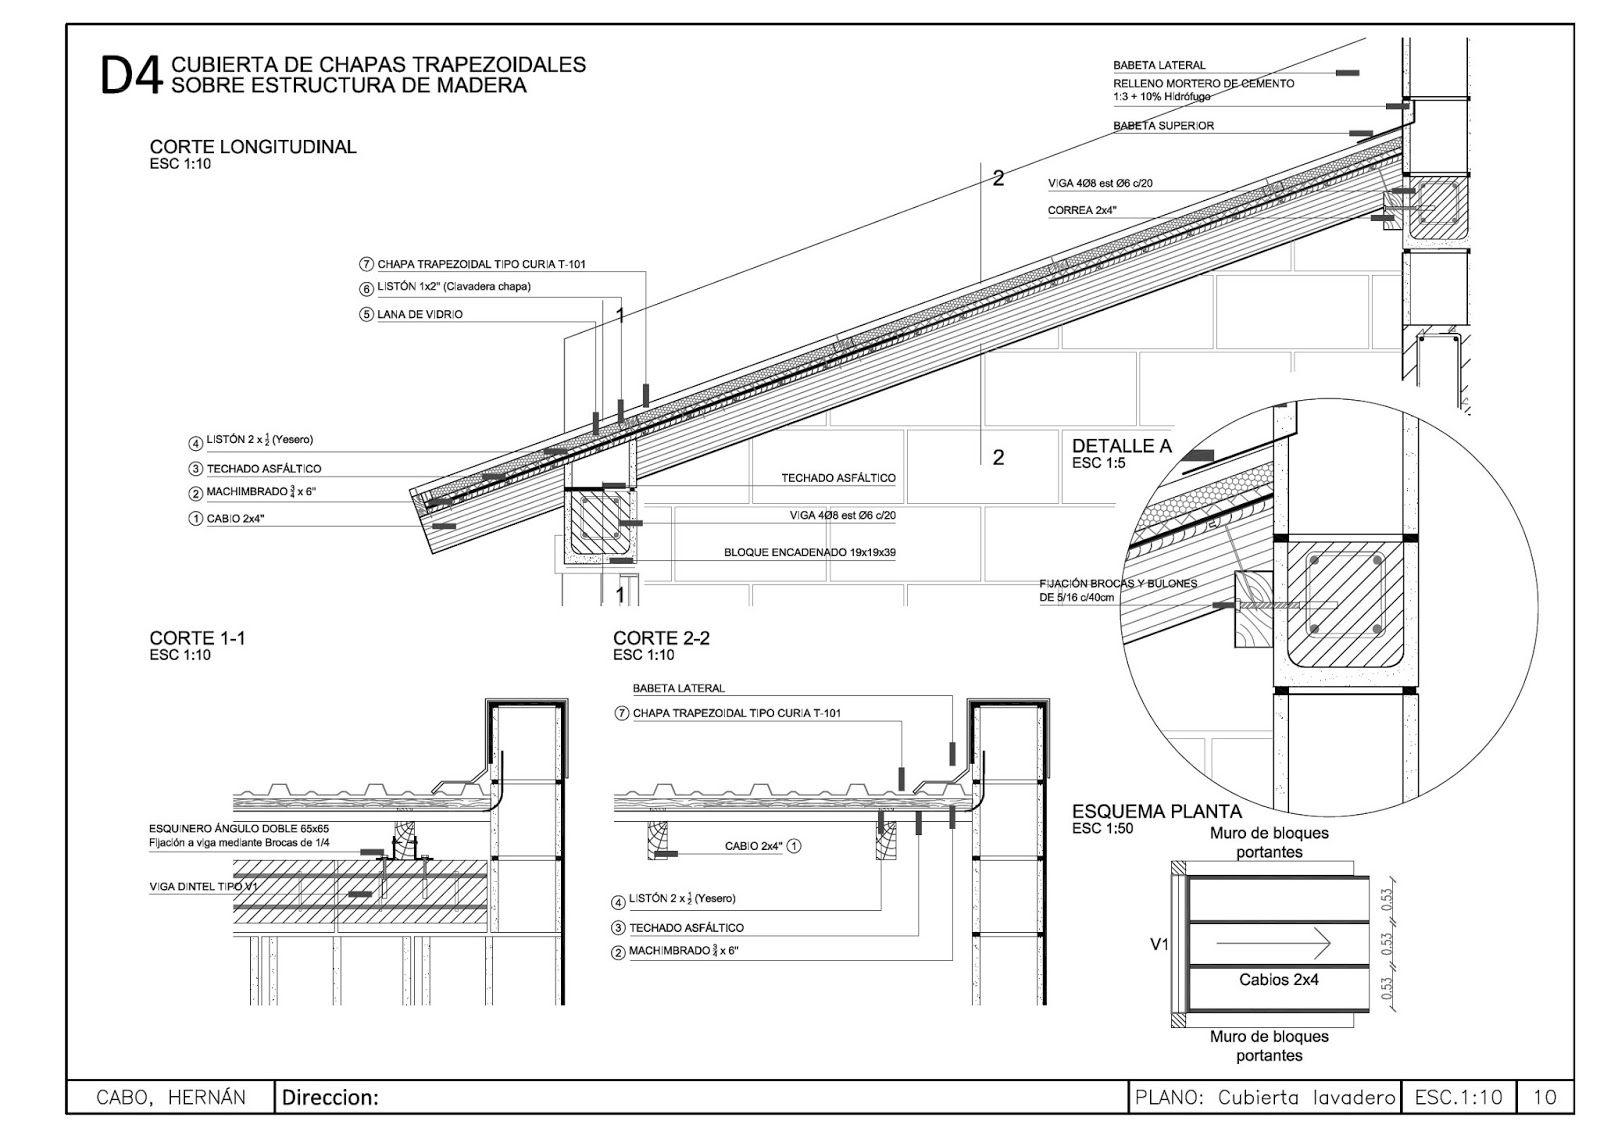 Detalle Cubierta Metalica Con Estructura De Madera Copia Jpg 1600 1132 Detalle De Techo Estructuras De Madera Cubierta Metalica